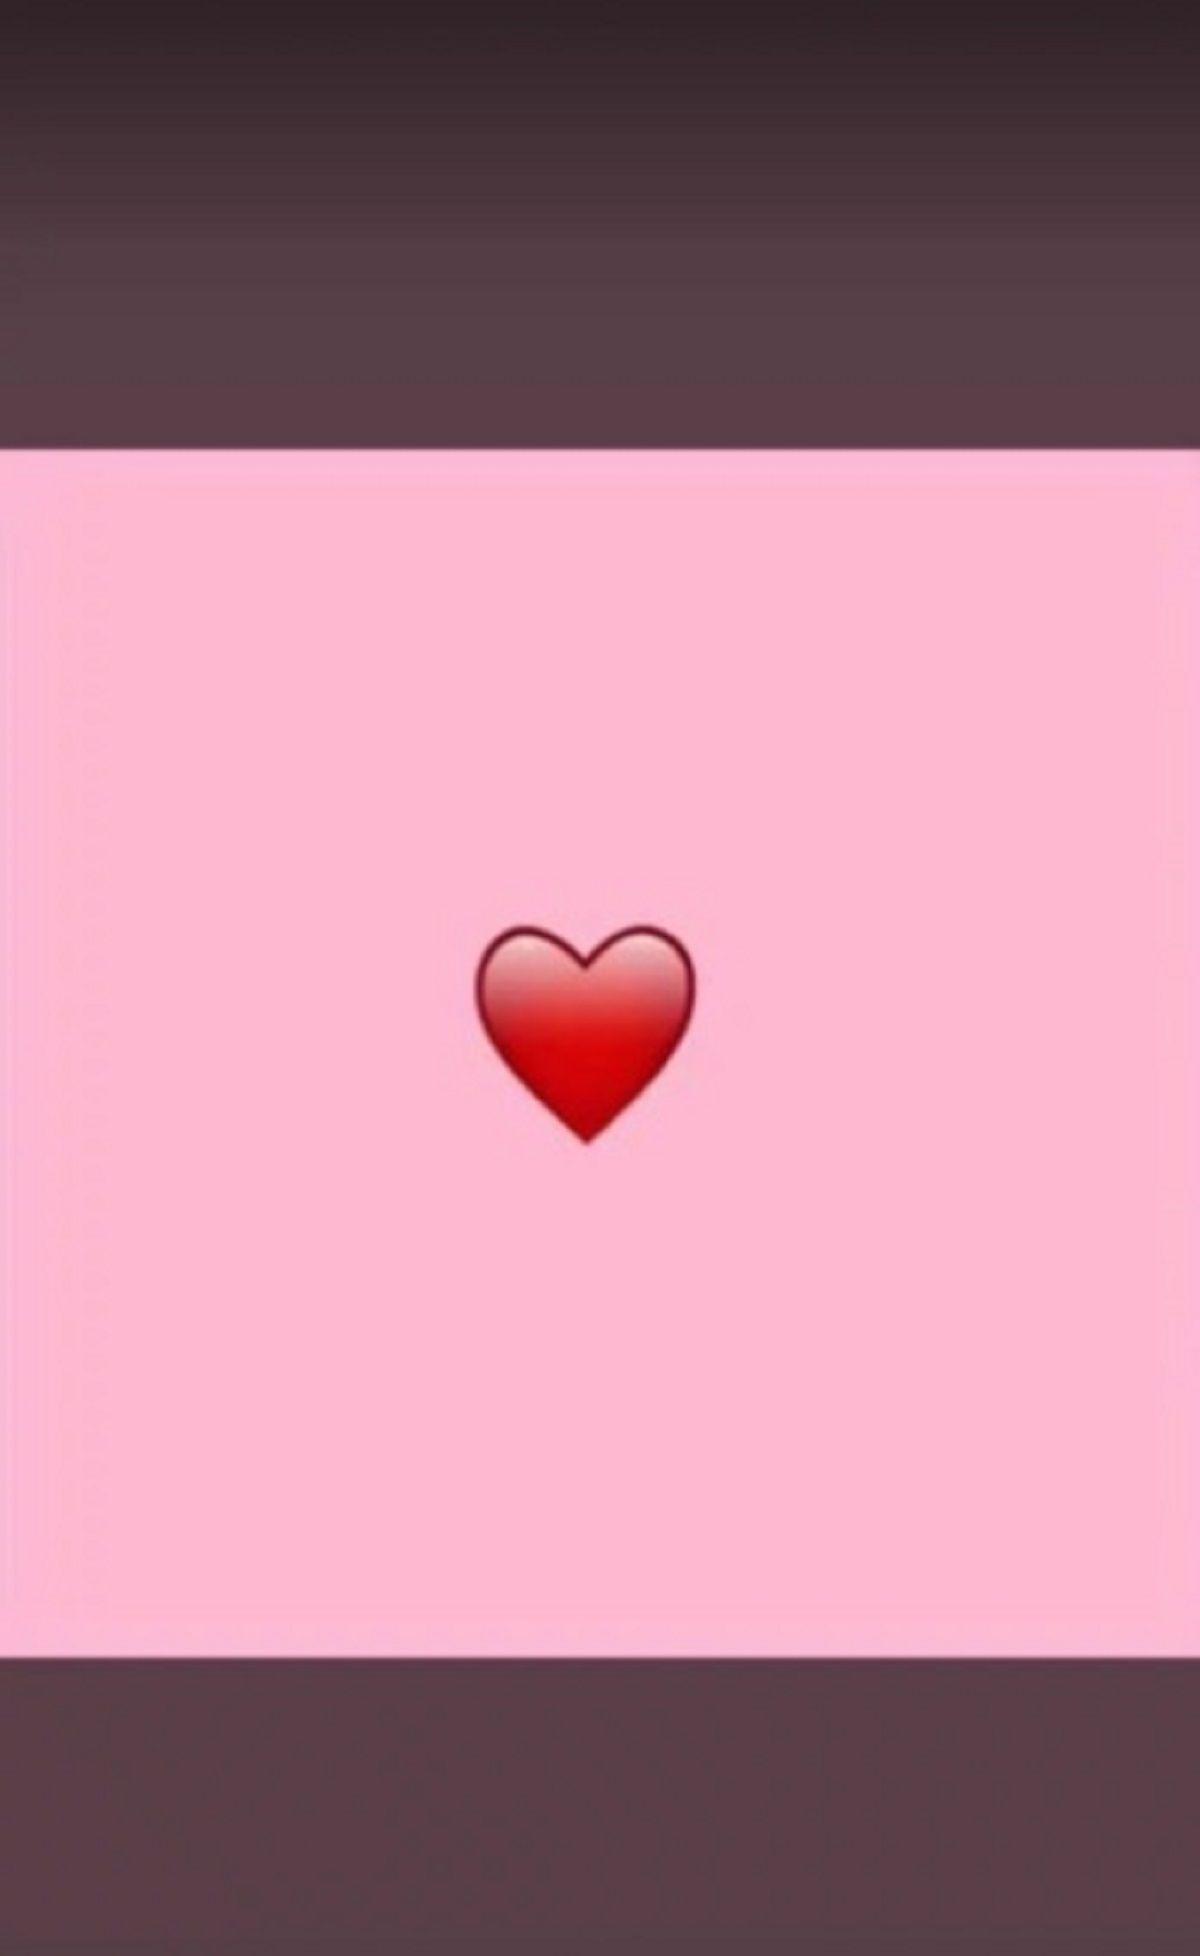 El corazón rosa de WhatsApp: la campaña contra el cáncer de mama de la OMS